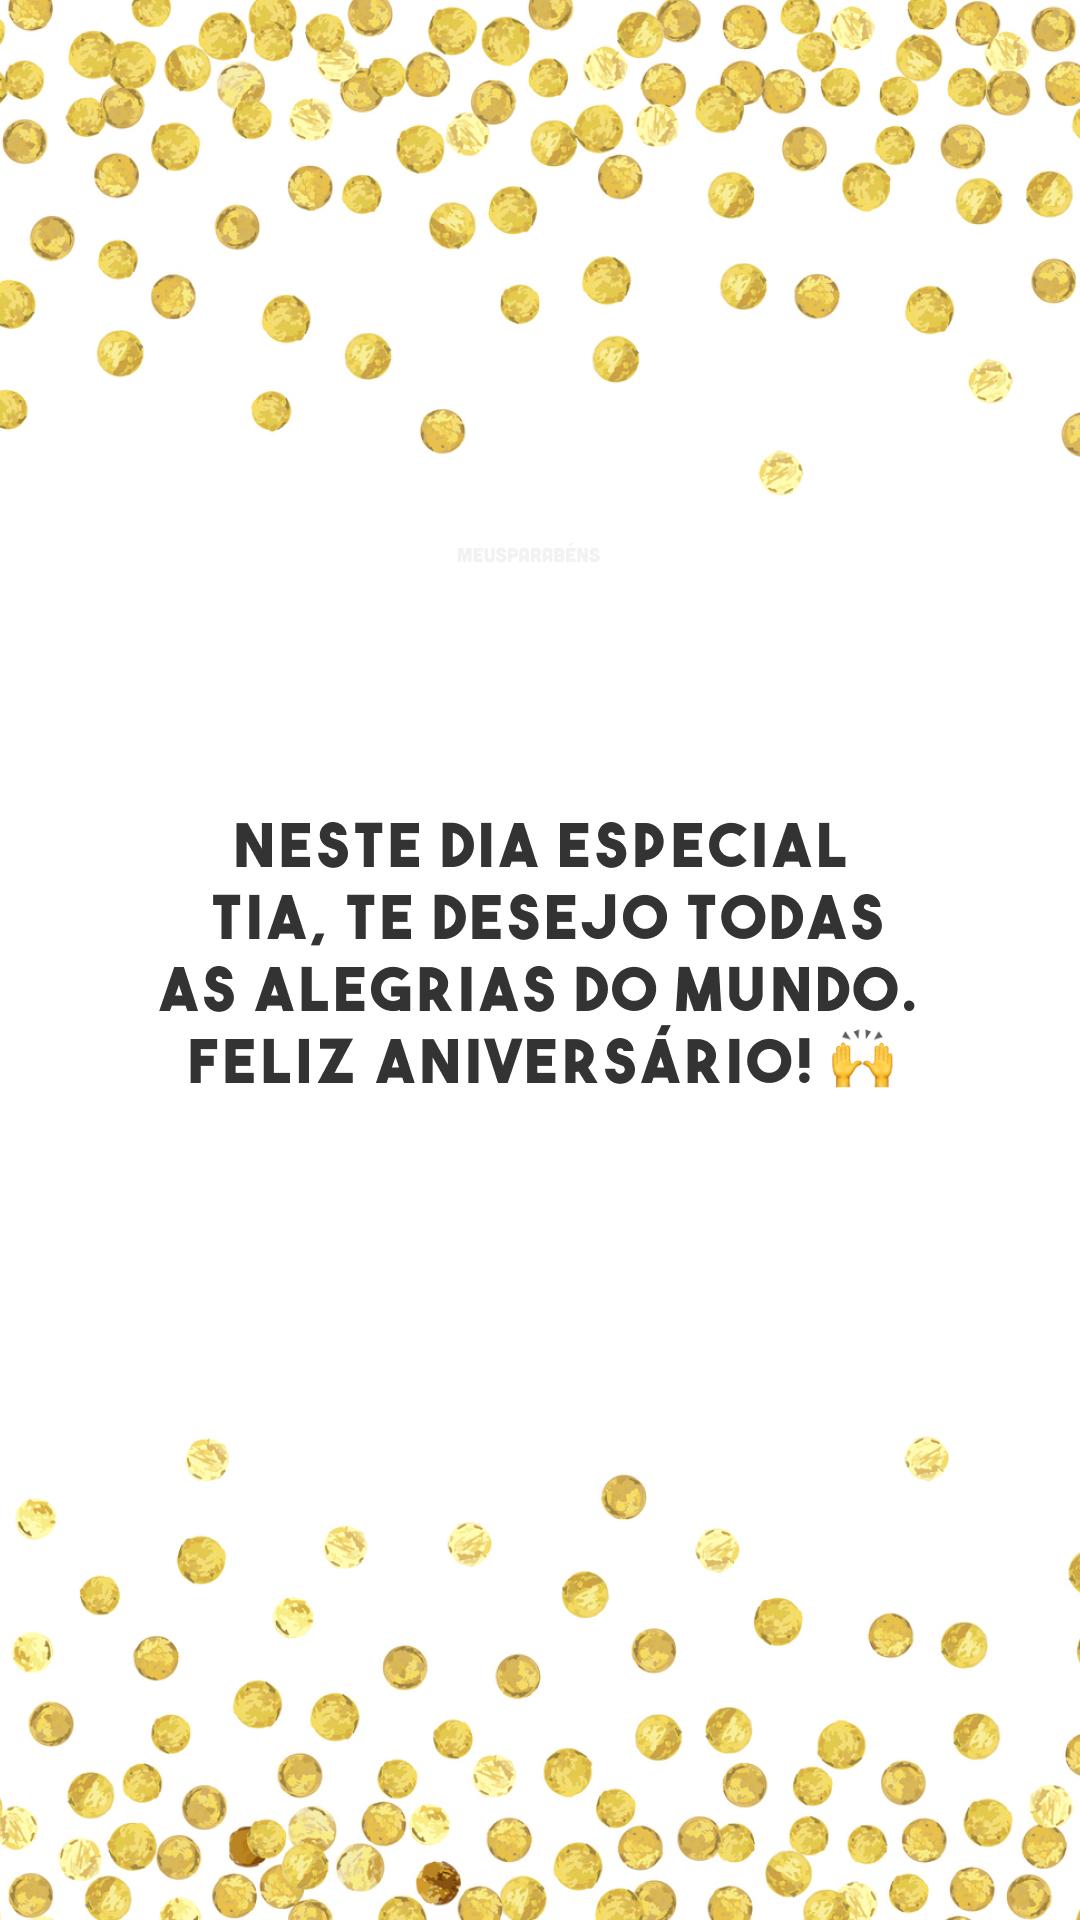 Neste dia especial, tia, te desejo todas as alegrias do mundo. Feliz aniversário! 🙌